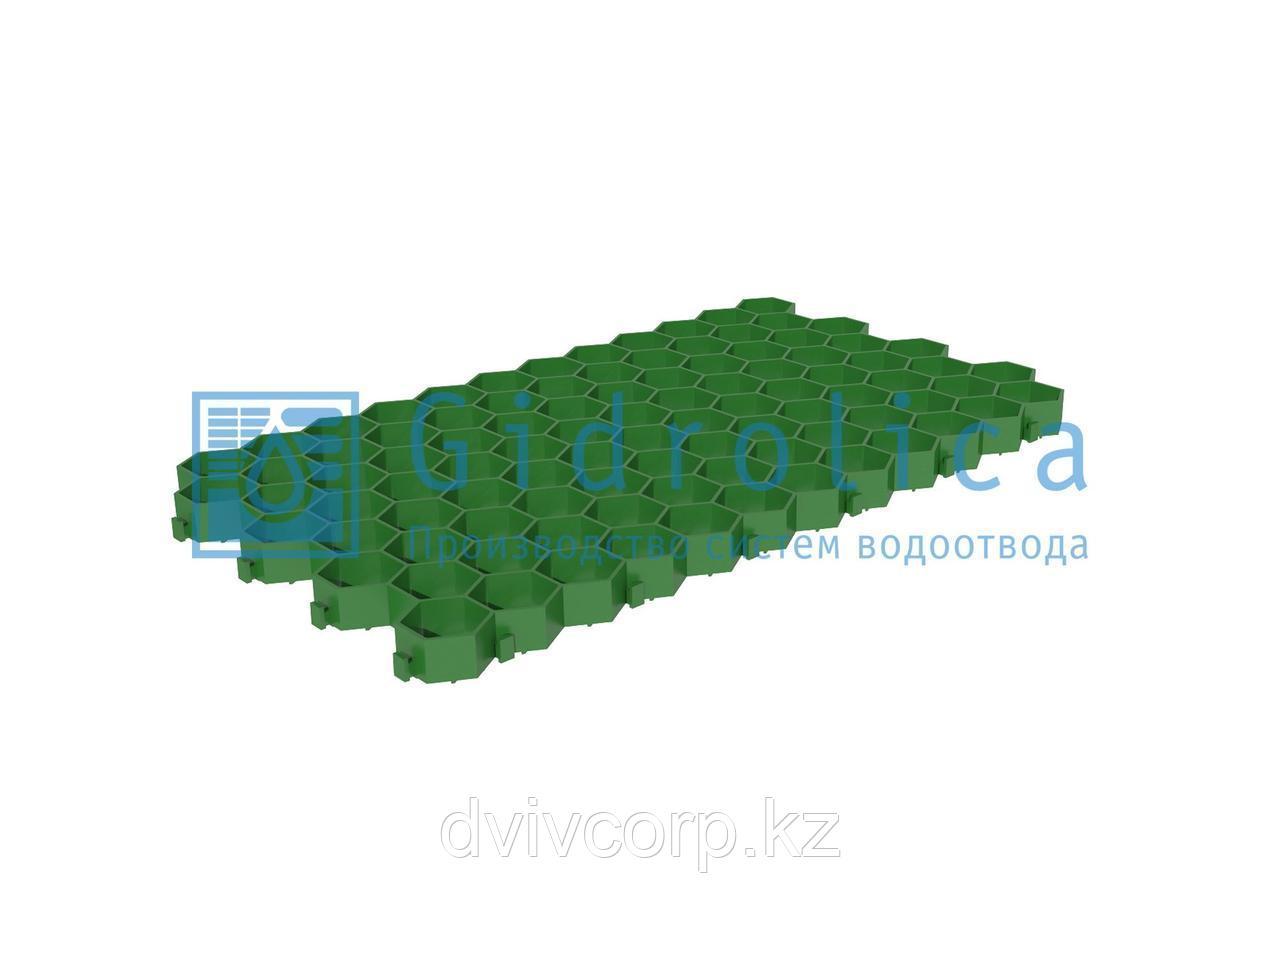 Арт. 607 Решетка газонная Gidrolica Eco Standart РГ-70.40.3,2 - пластиковая зеленая